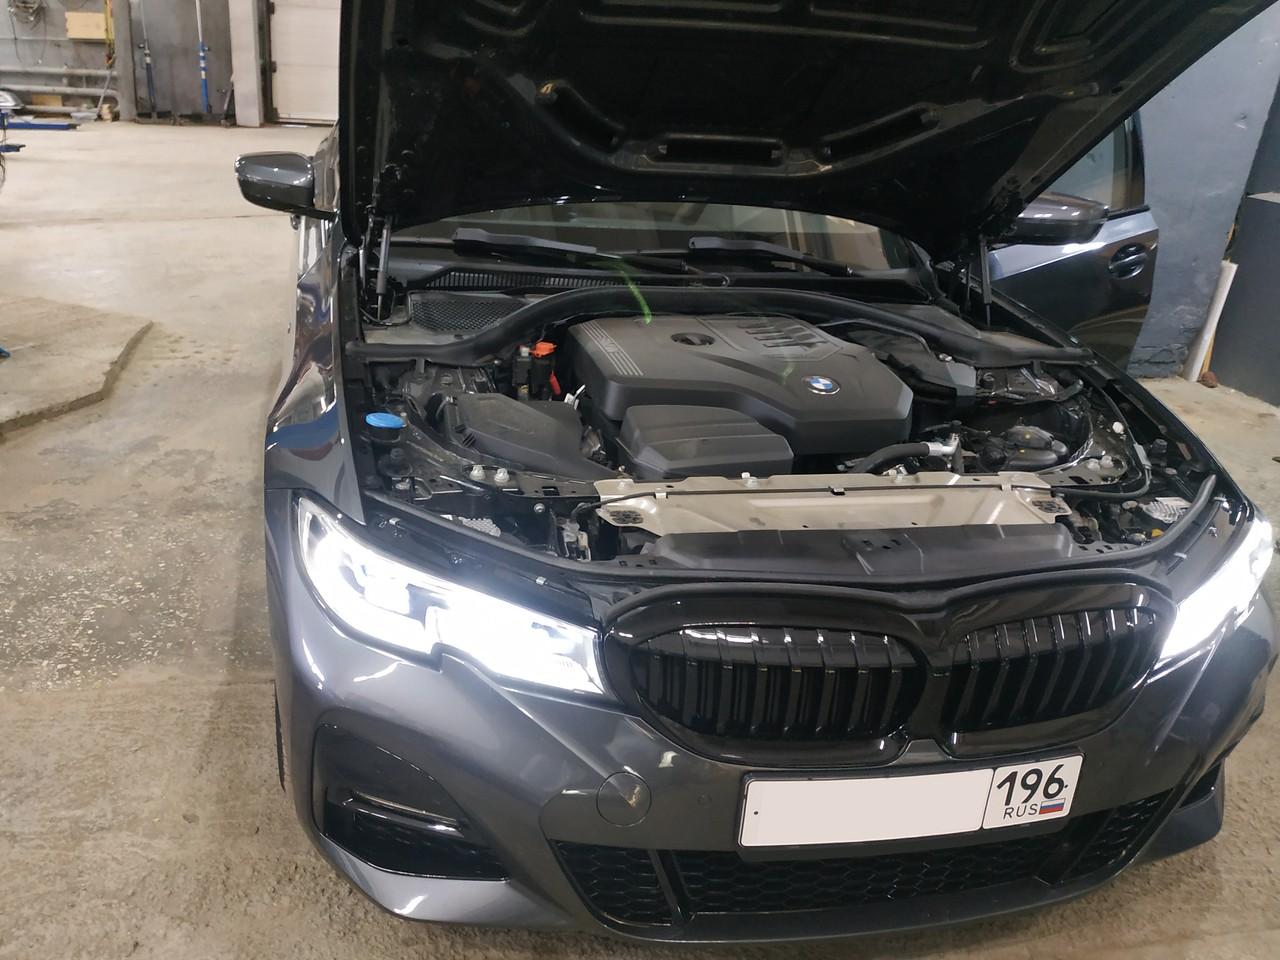 Чип тюнинг BMW G20 320i 2019 года, в стоке 184 л.с.